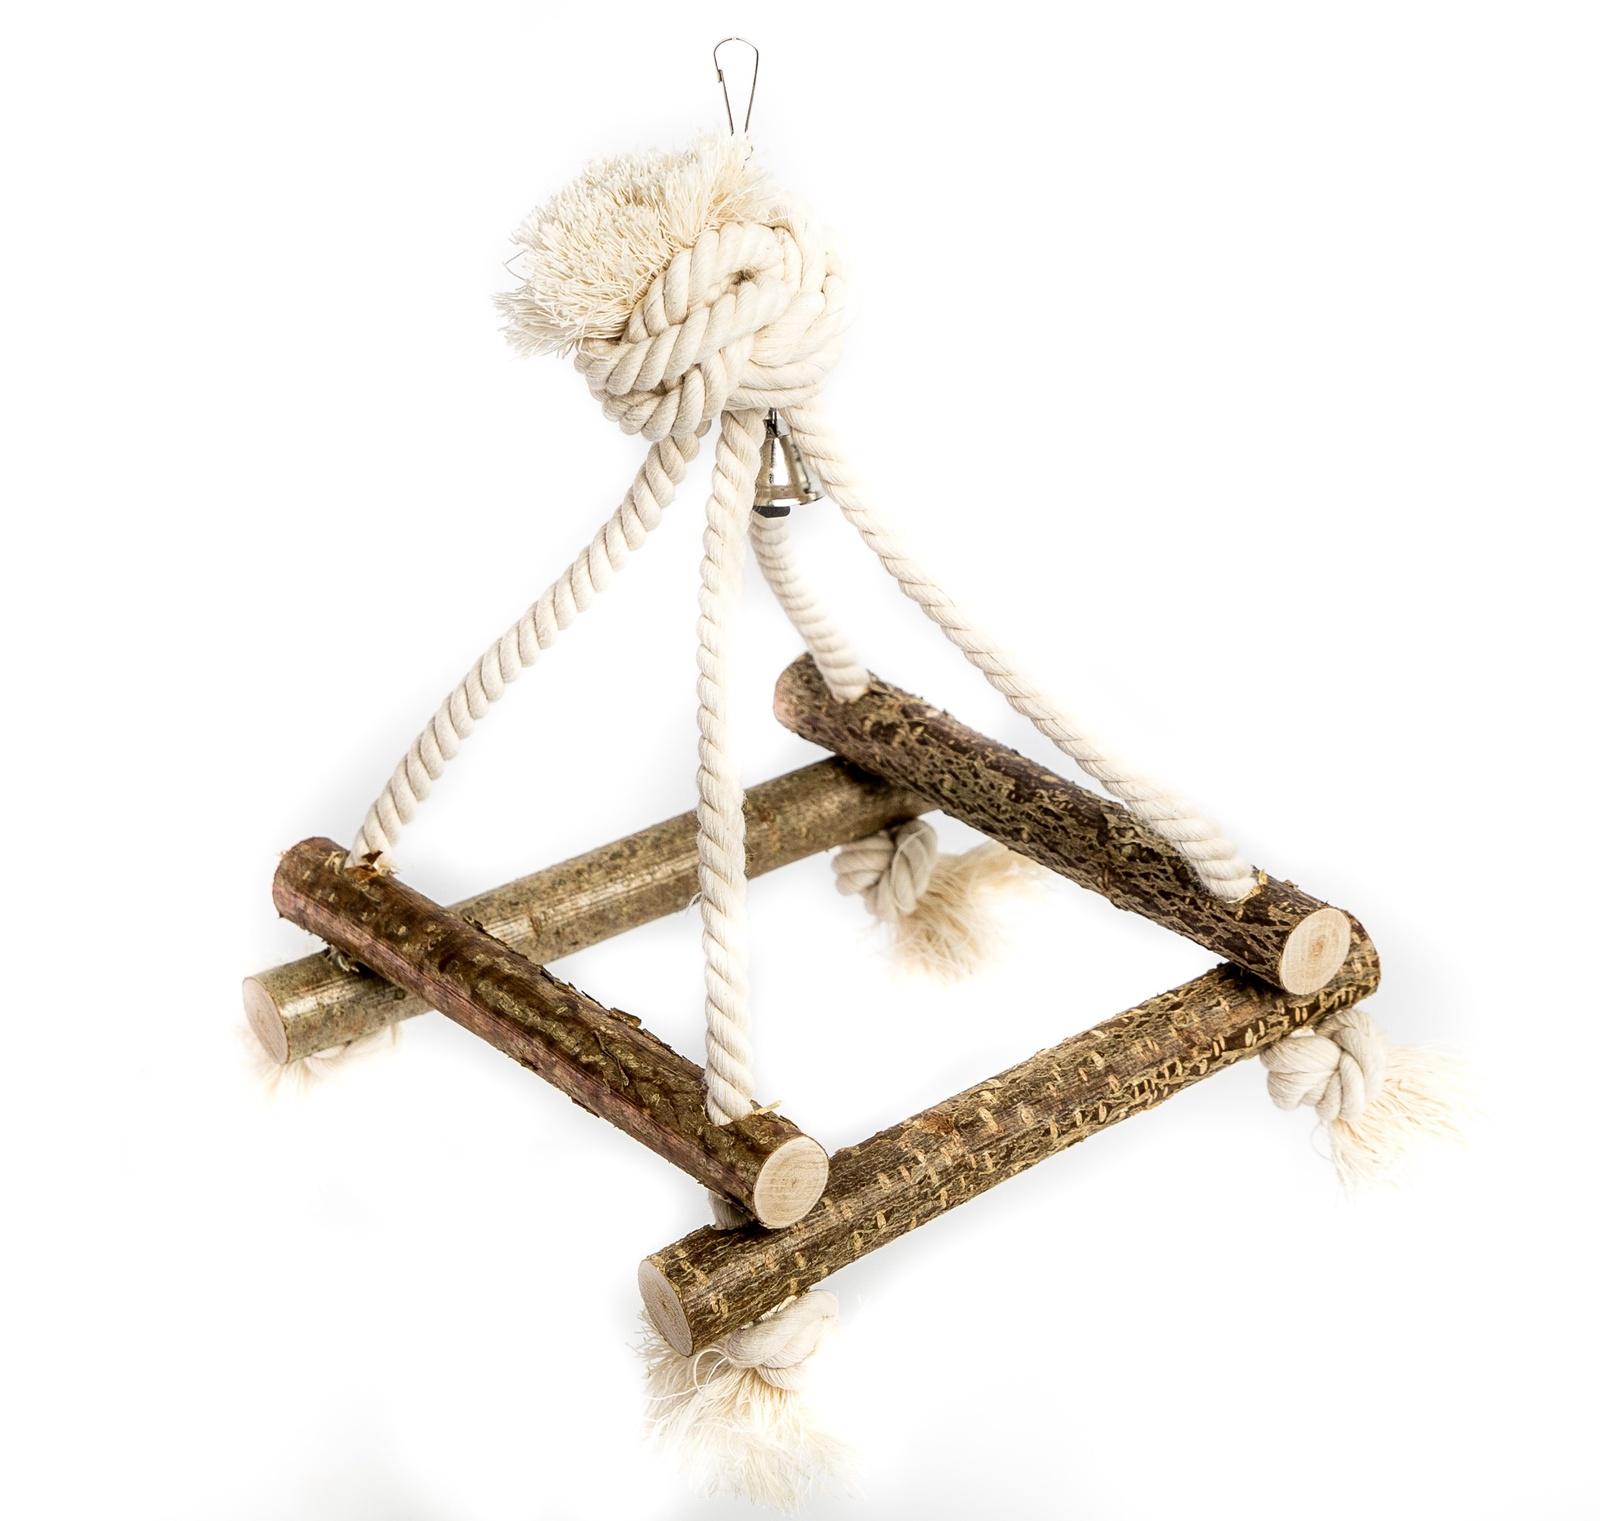 Канатные качели для птиц 4D с колоколом zoobaloo игрушка для птиц кольцо сизаль с колокольчиком 15см